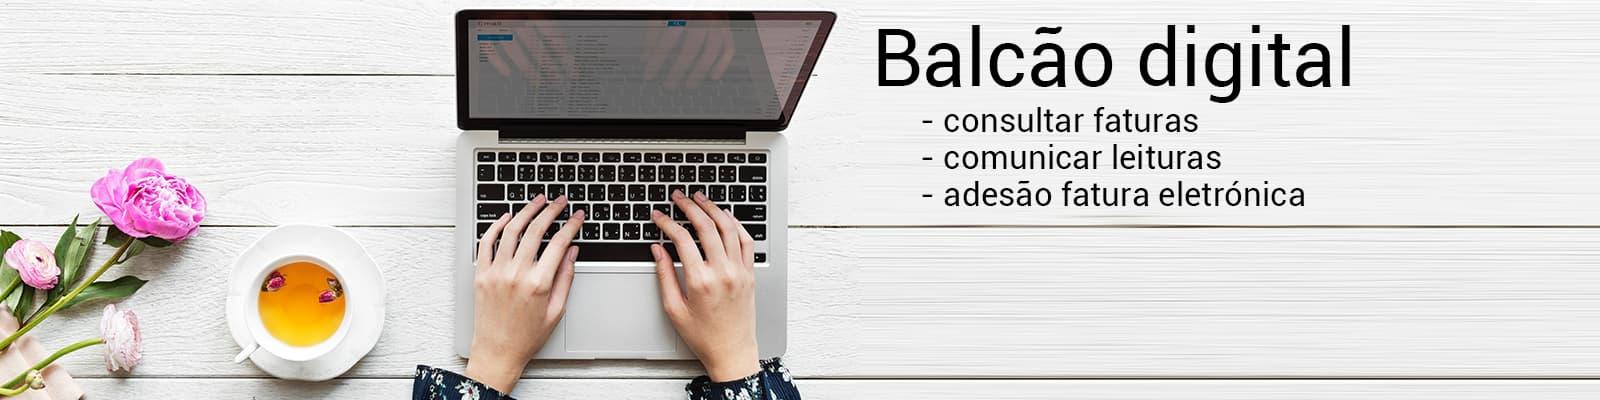 Balcão digital, Consultar faturas, comunicar leituras, adesão fatura eletrónica